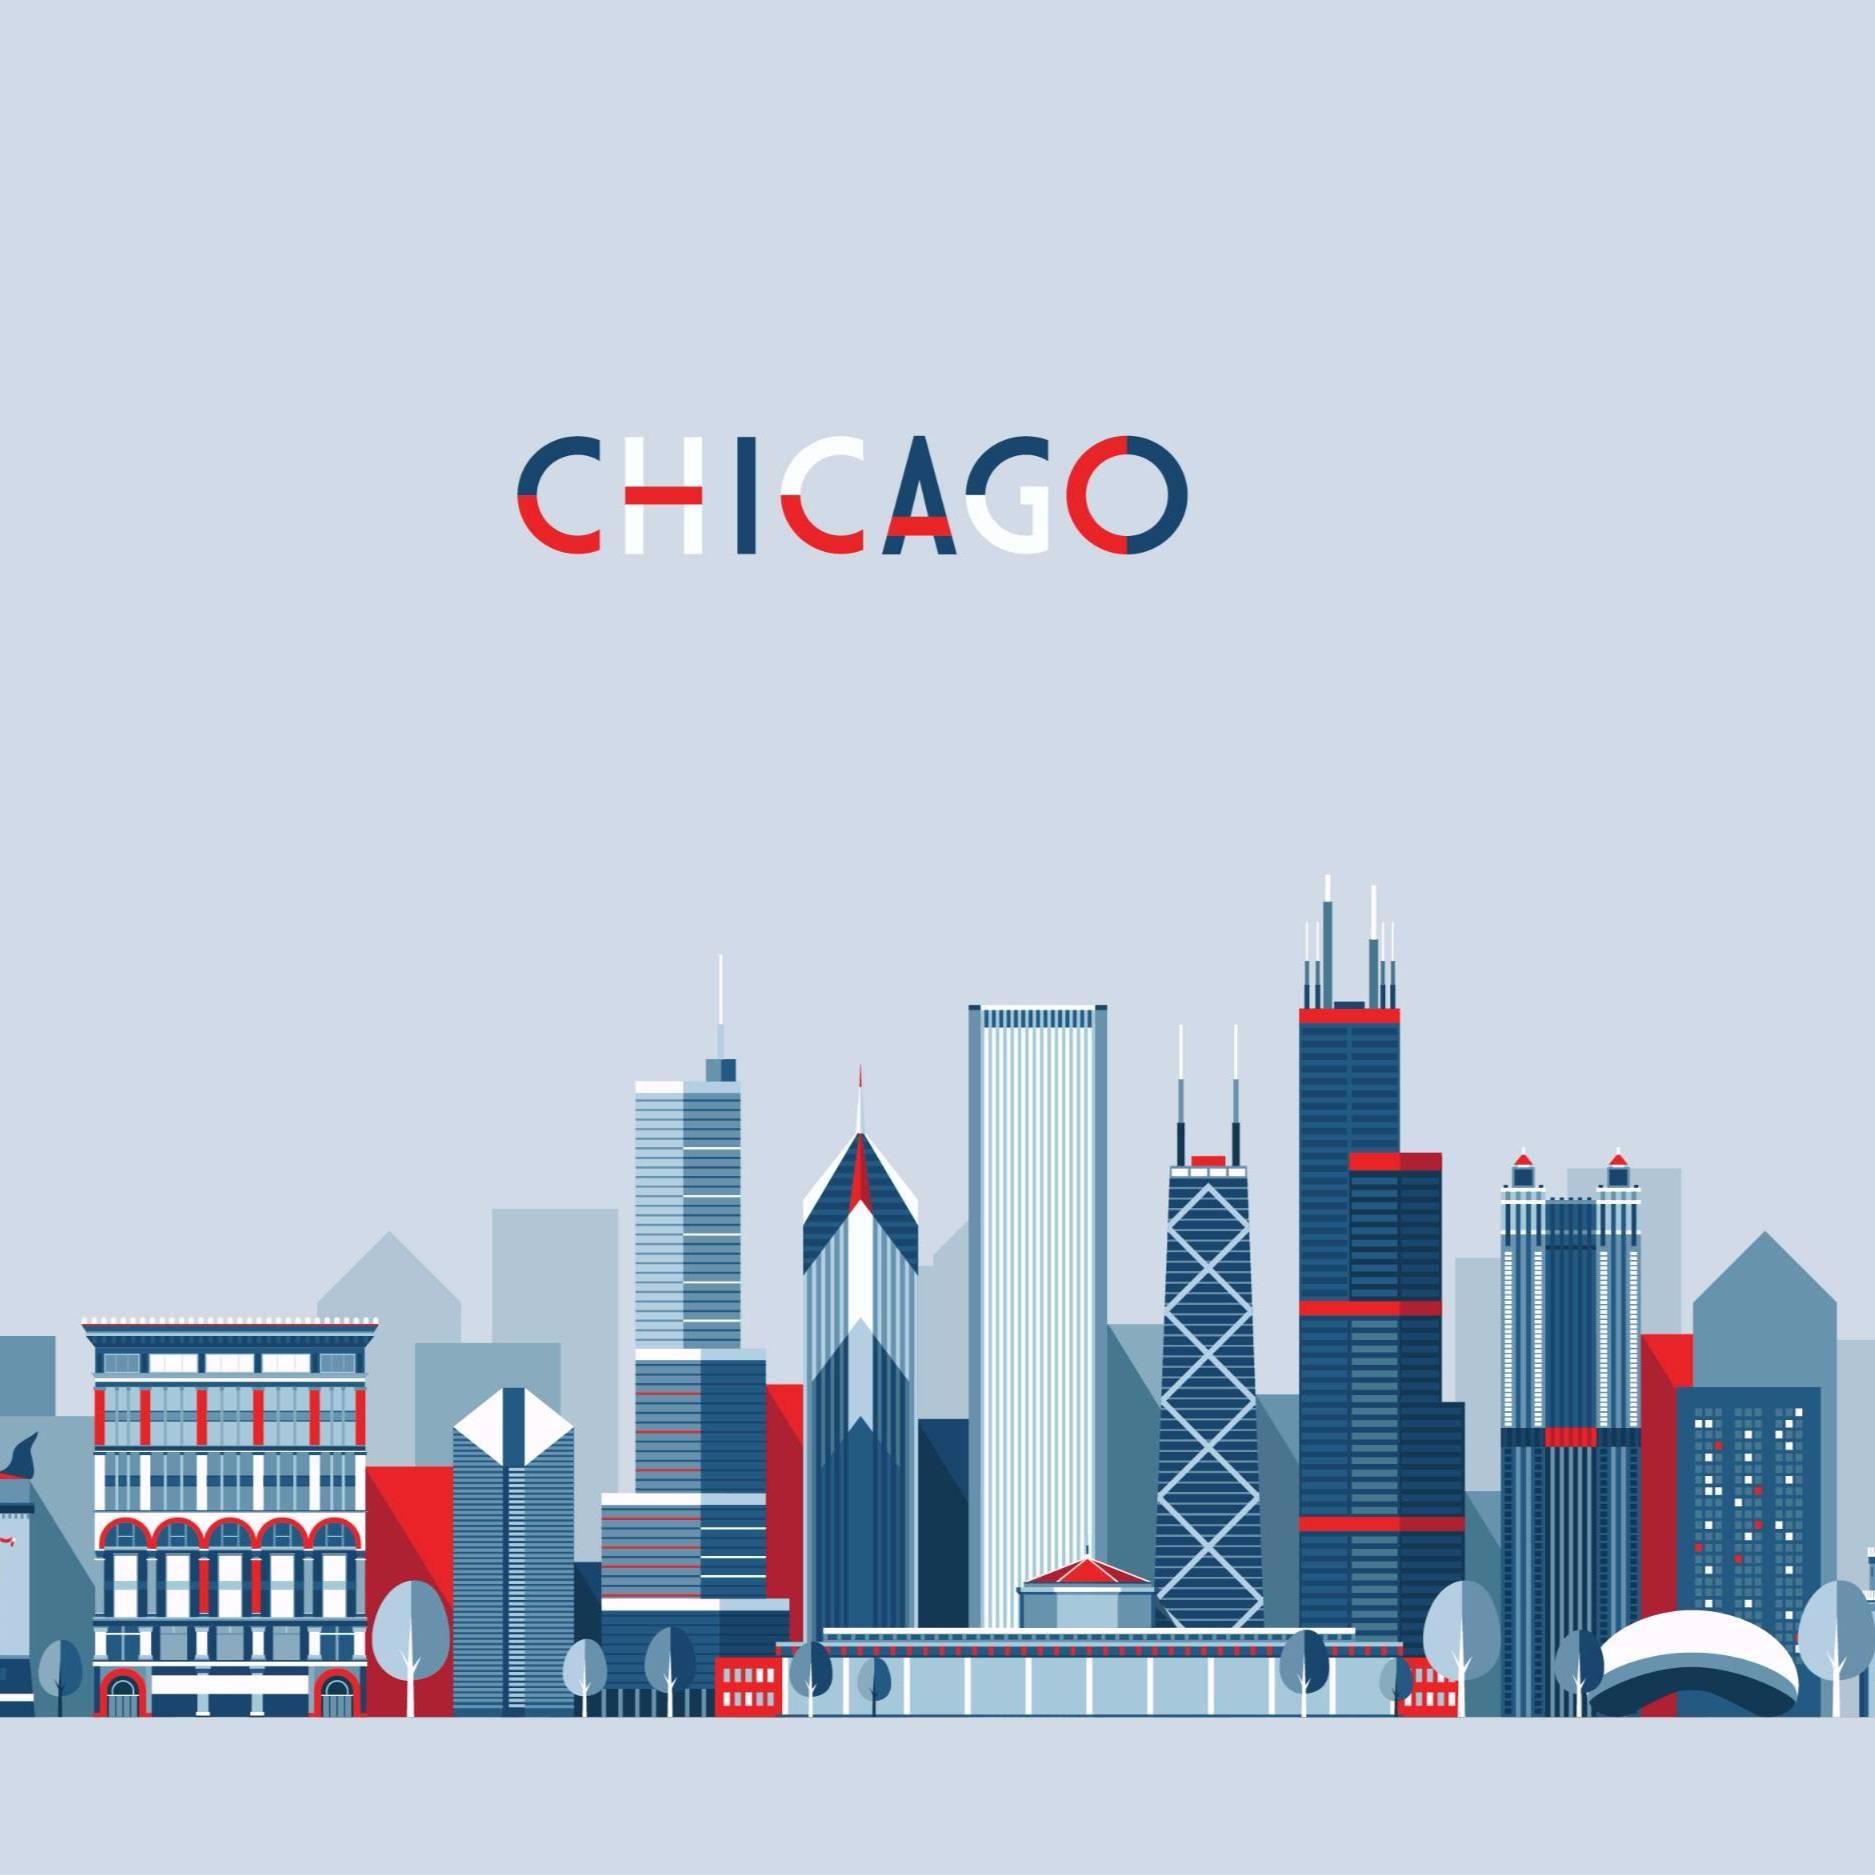 扁平化城市建筑图